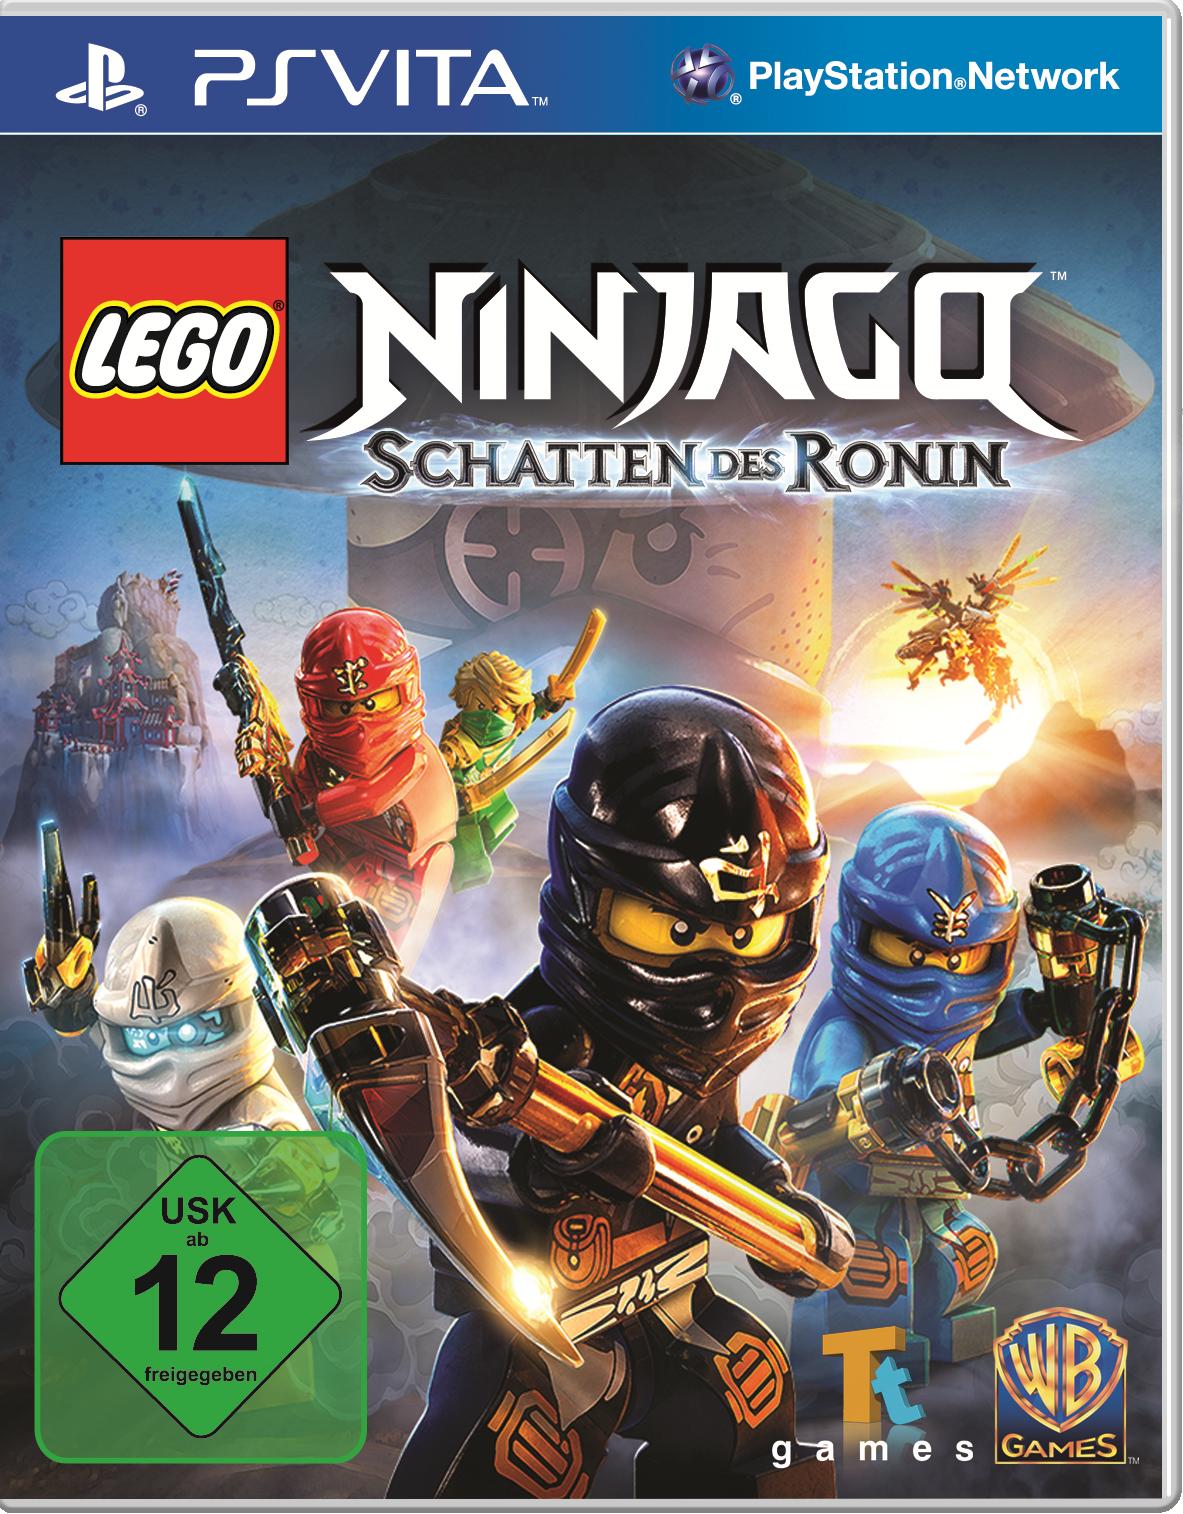 cover_LEGO Ninjago: Schatten des Ronin